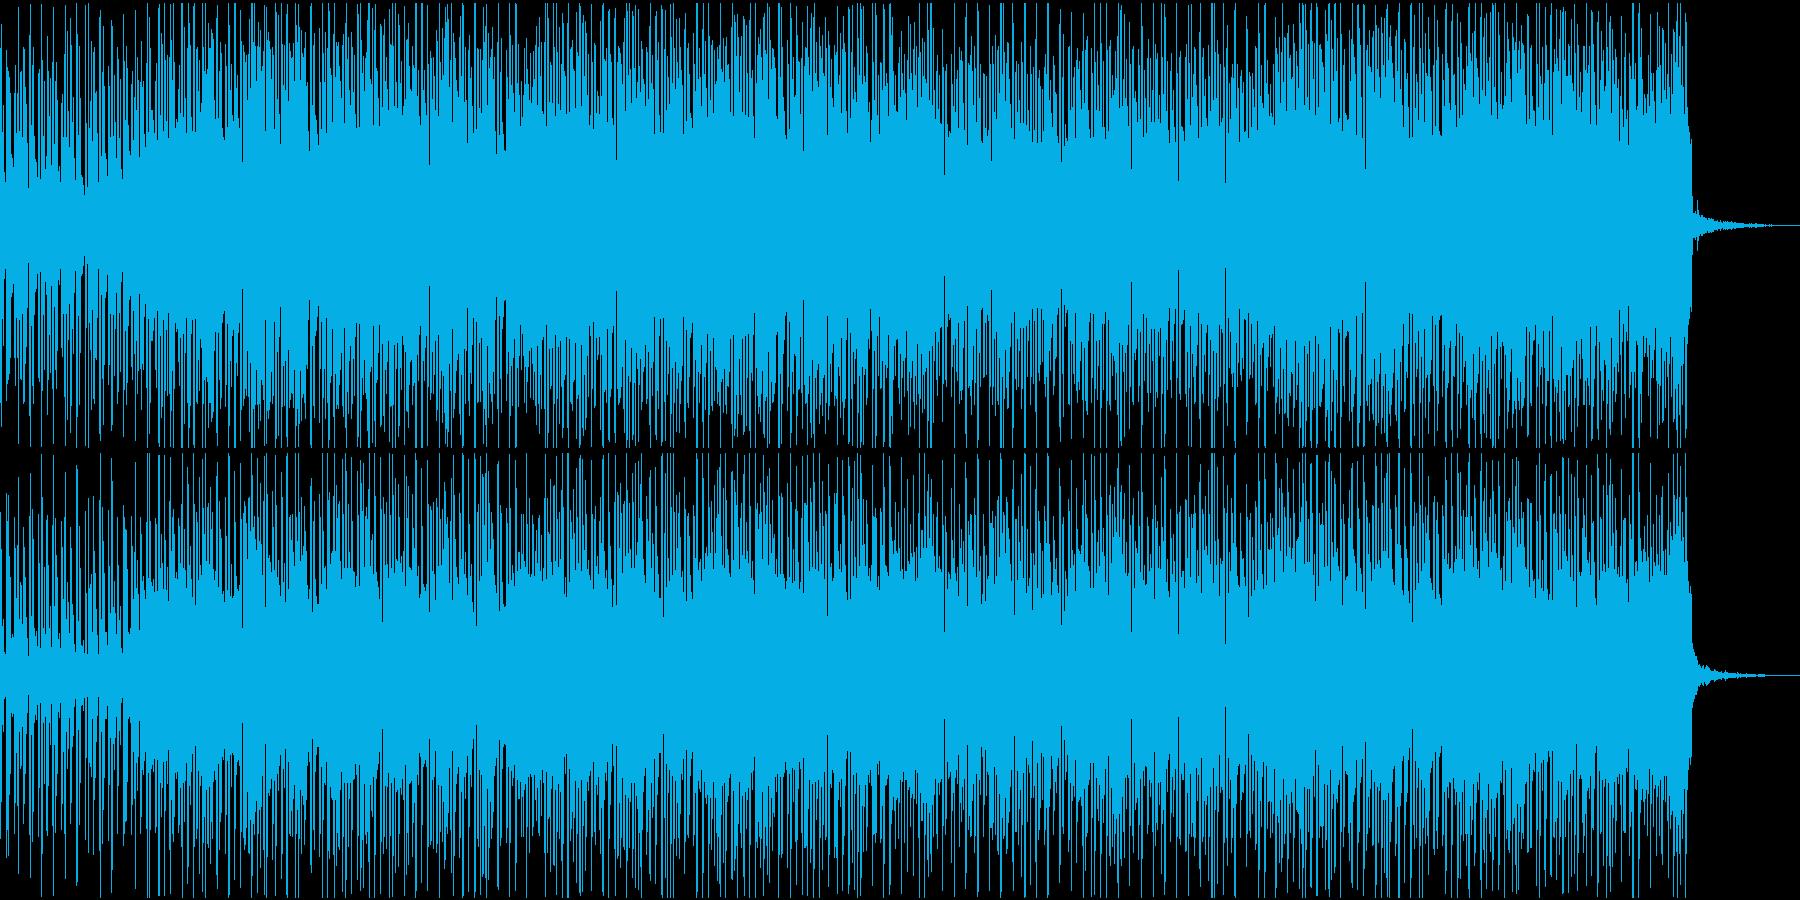 ウクレレ・鉄琴・夏・前向き・ポップロックの再生済みの波形